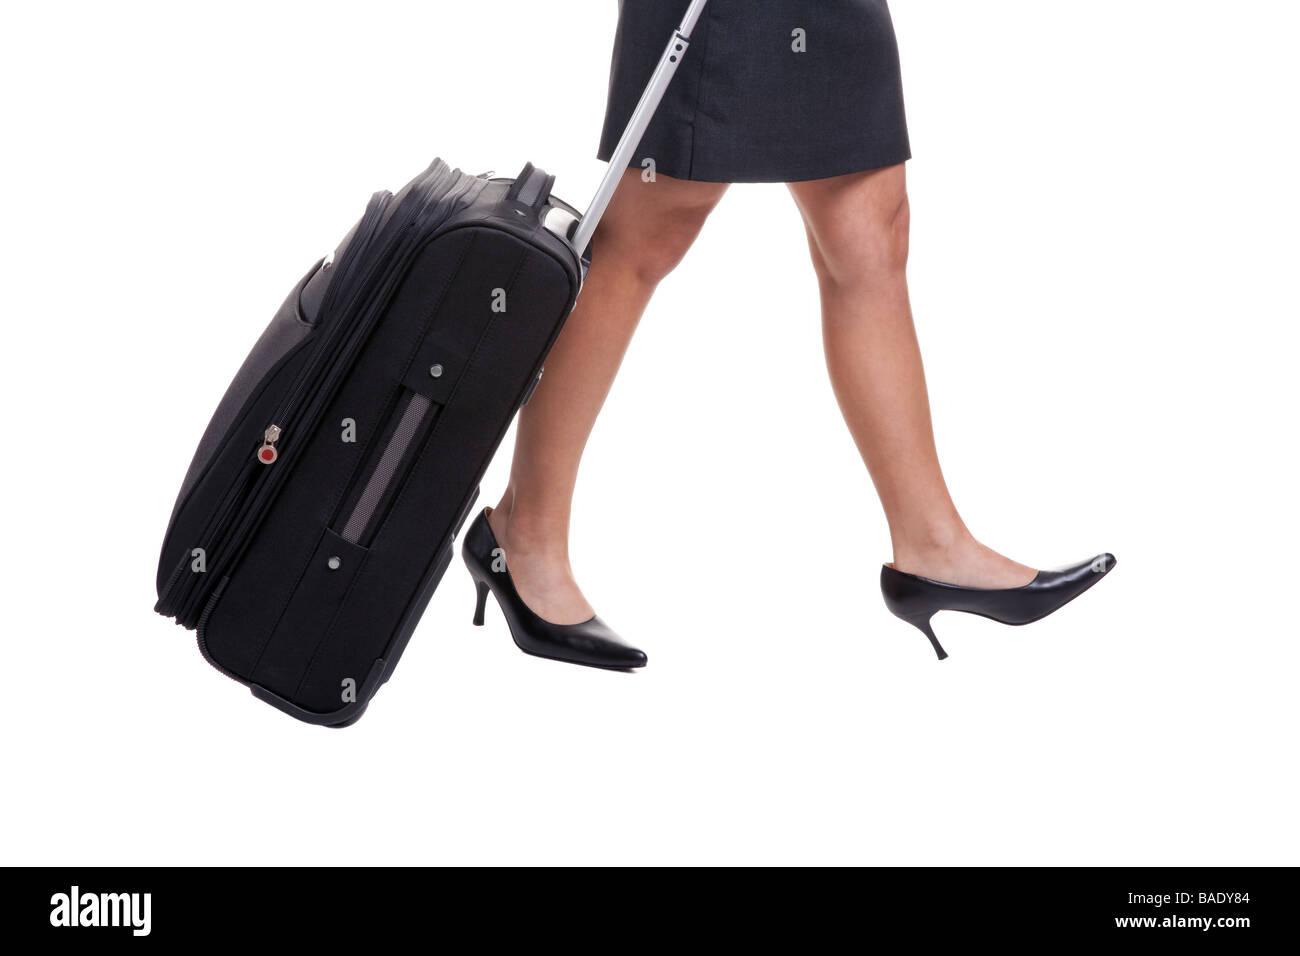 Un businesswomans piernas en falda corta tirando una maleta aislado sobre fondo blanco. Foto de stock